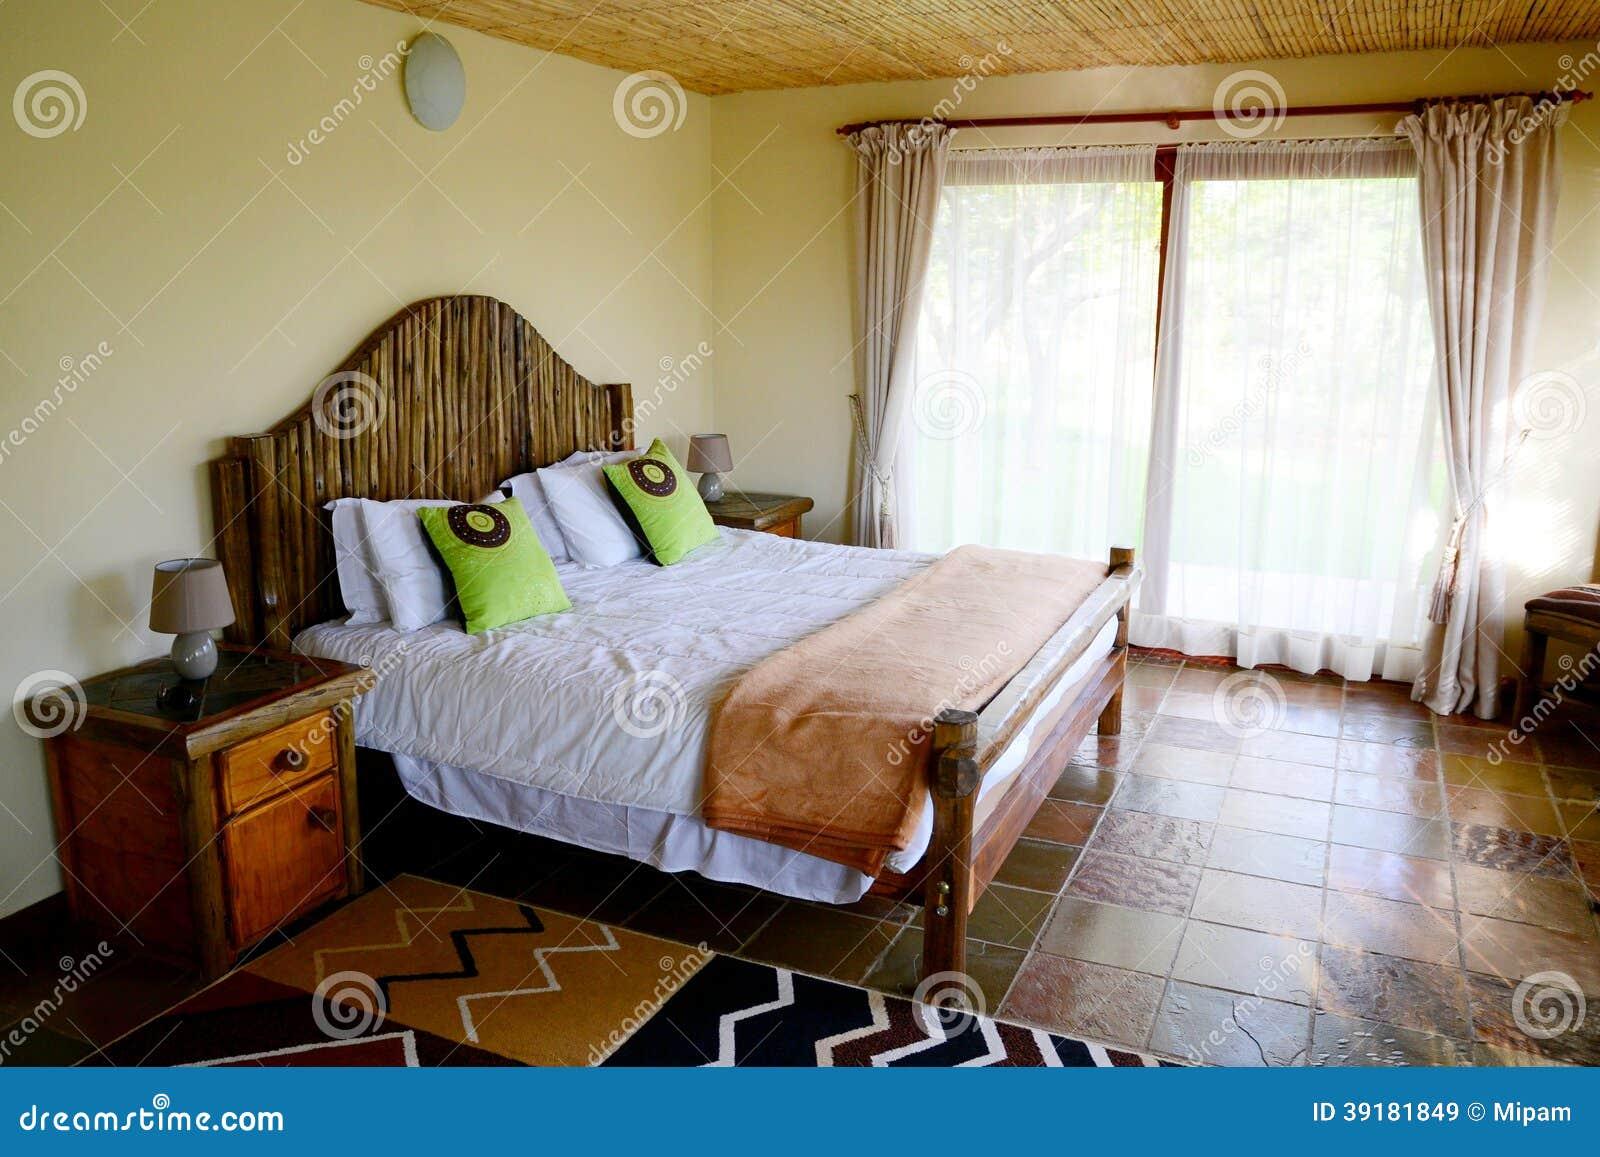 african style bedroom stock image image of motel inside 39181849. Black Bedroom Furniture Sets. Home Design Ideas